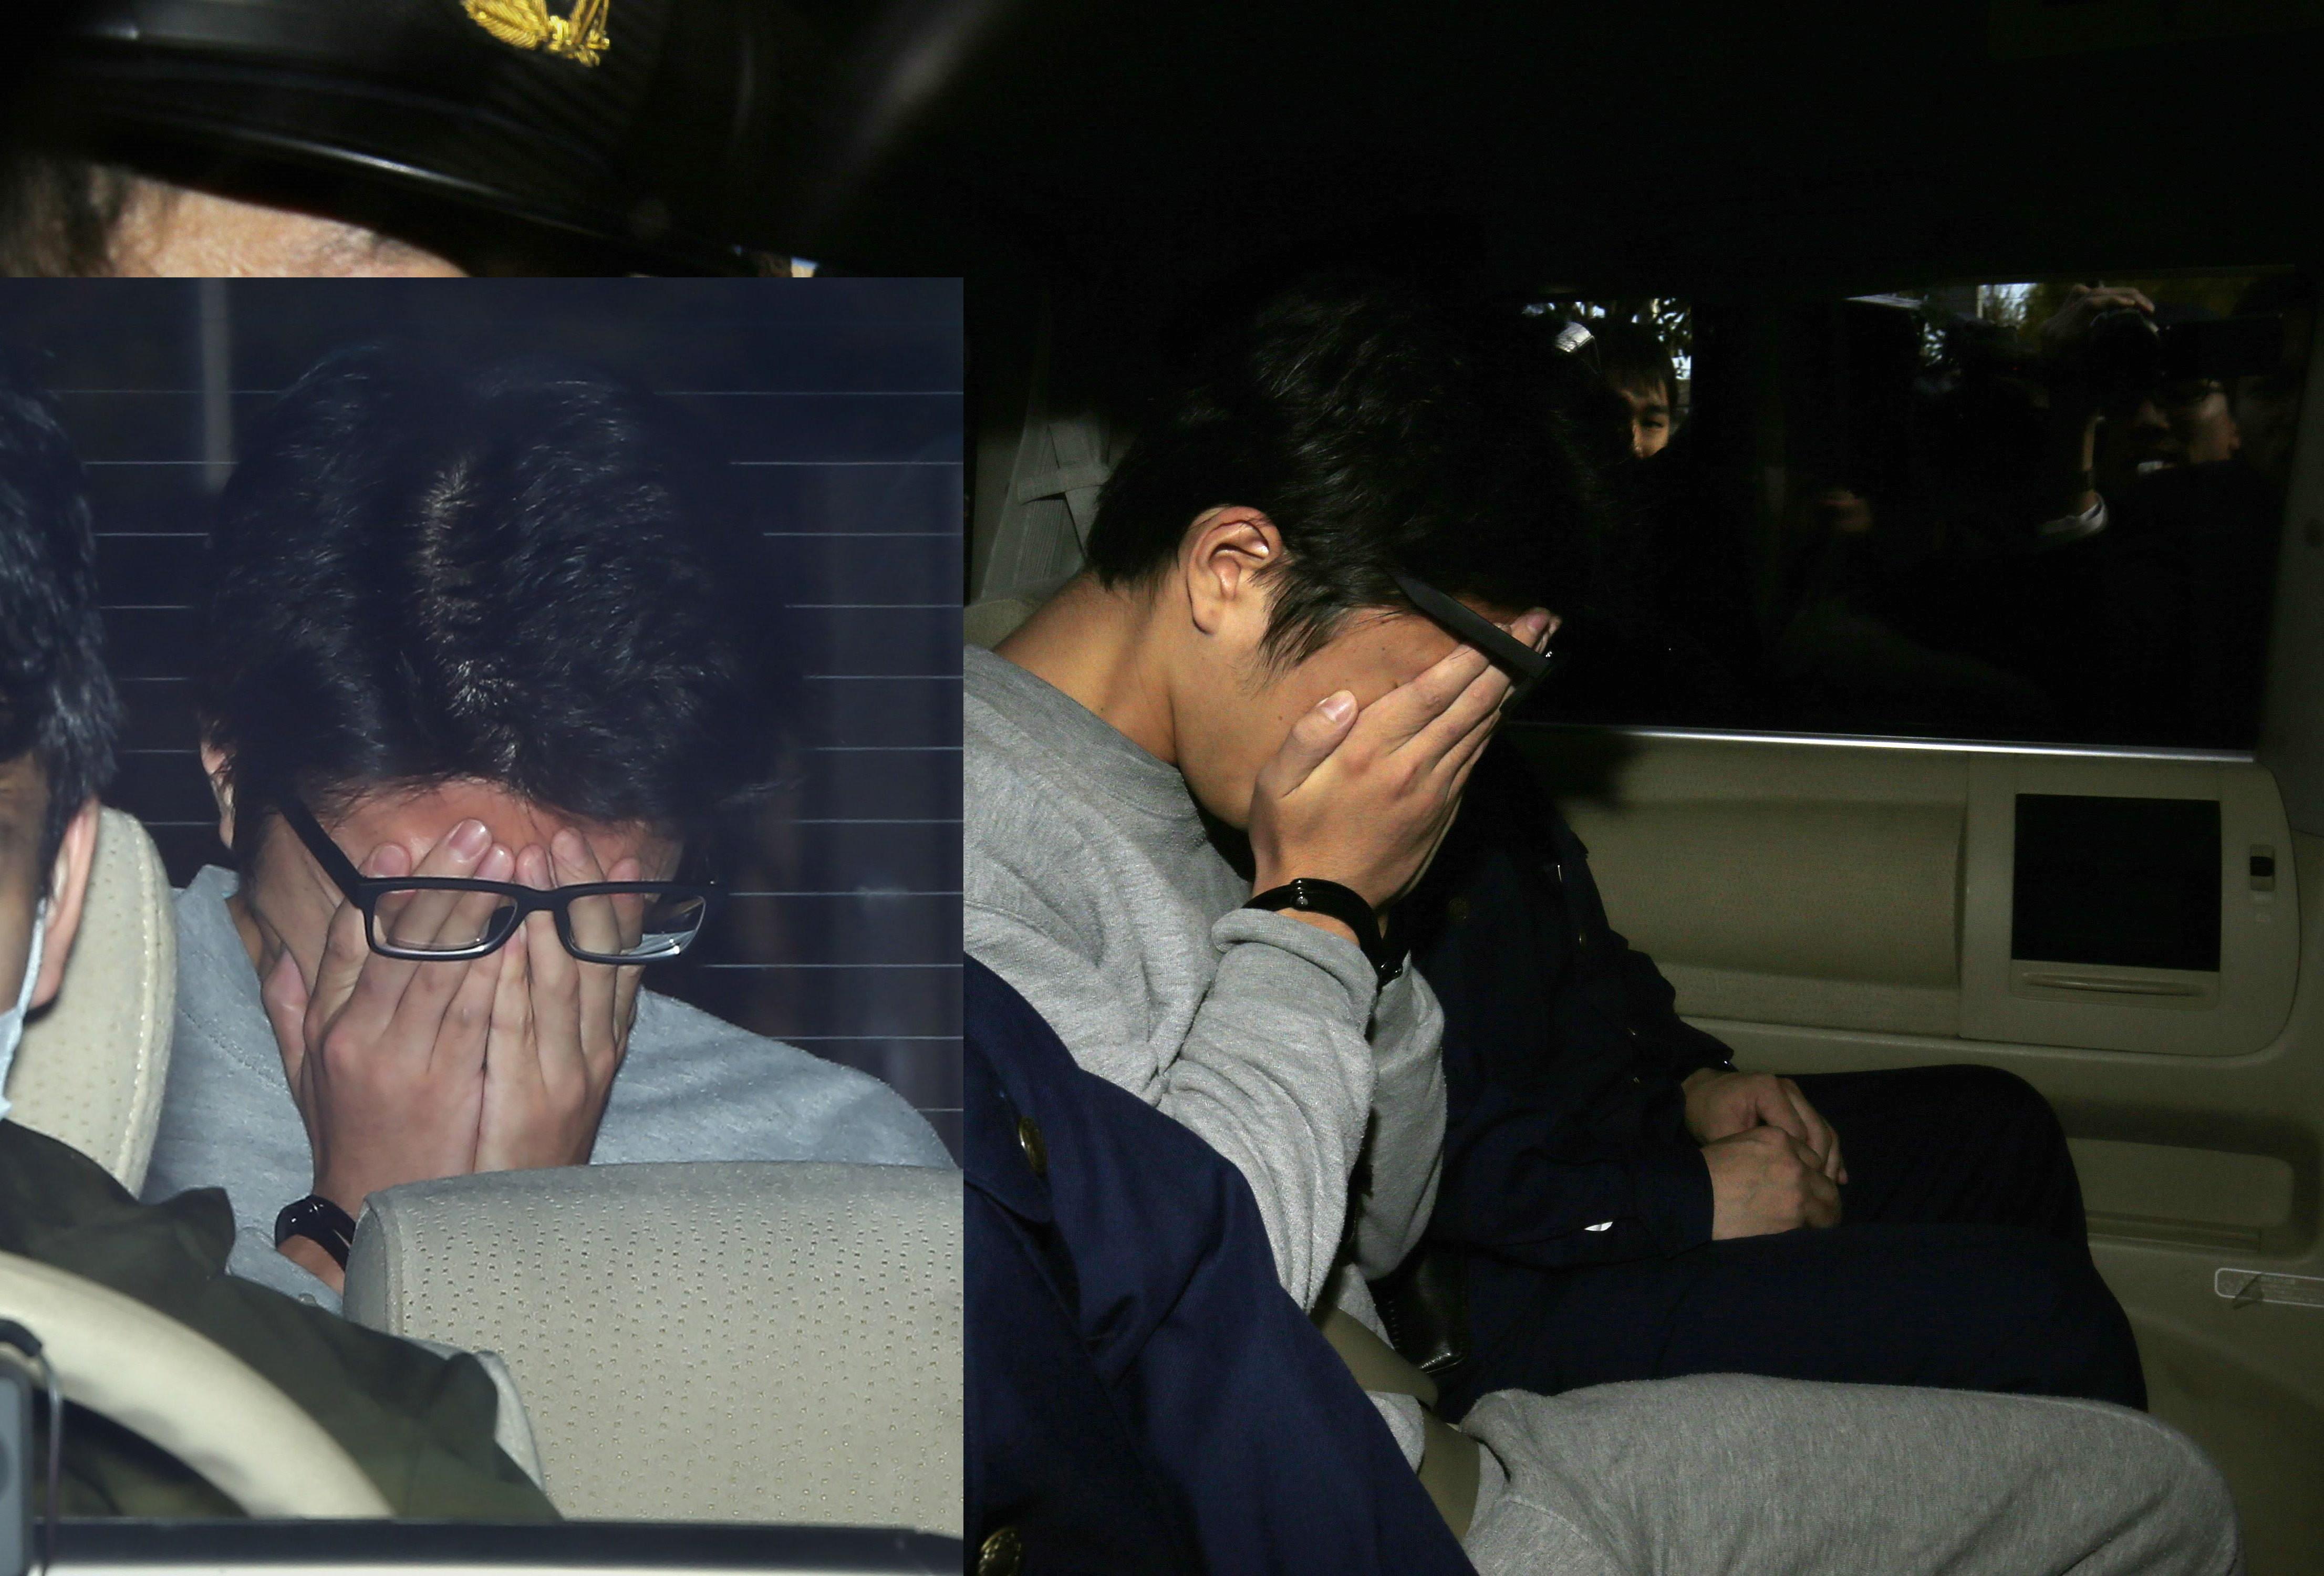 日本神奈川縣27歲男子白石隆浩涉嫌殺害9人,他被移送時低頭遮臉。(圖/合成圖/CFP)